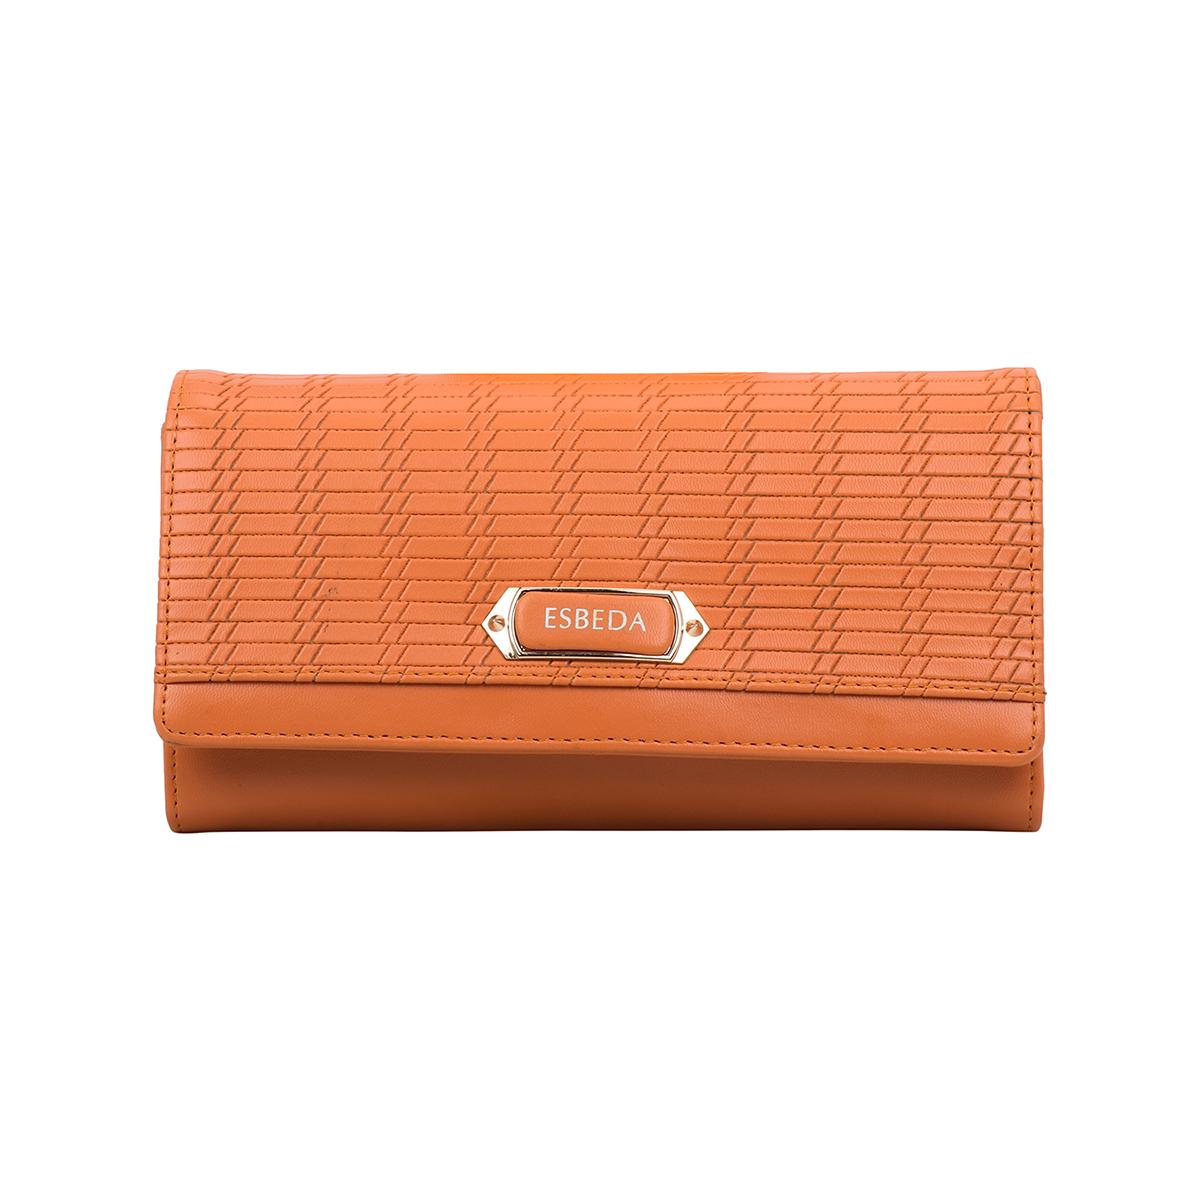 ESBEDA   ESBEDA Orange Color Twill Wallet For Women